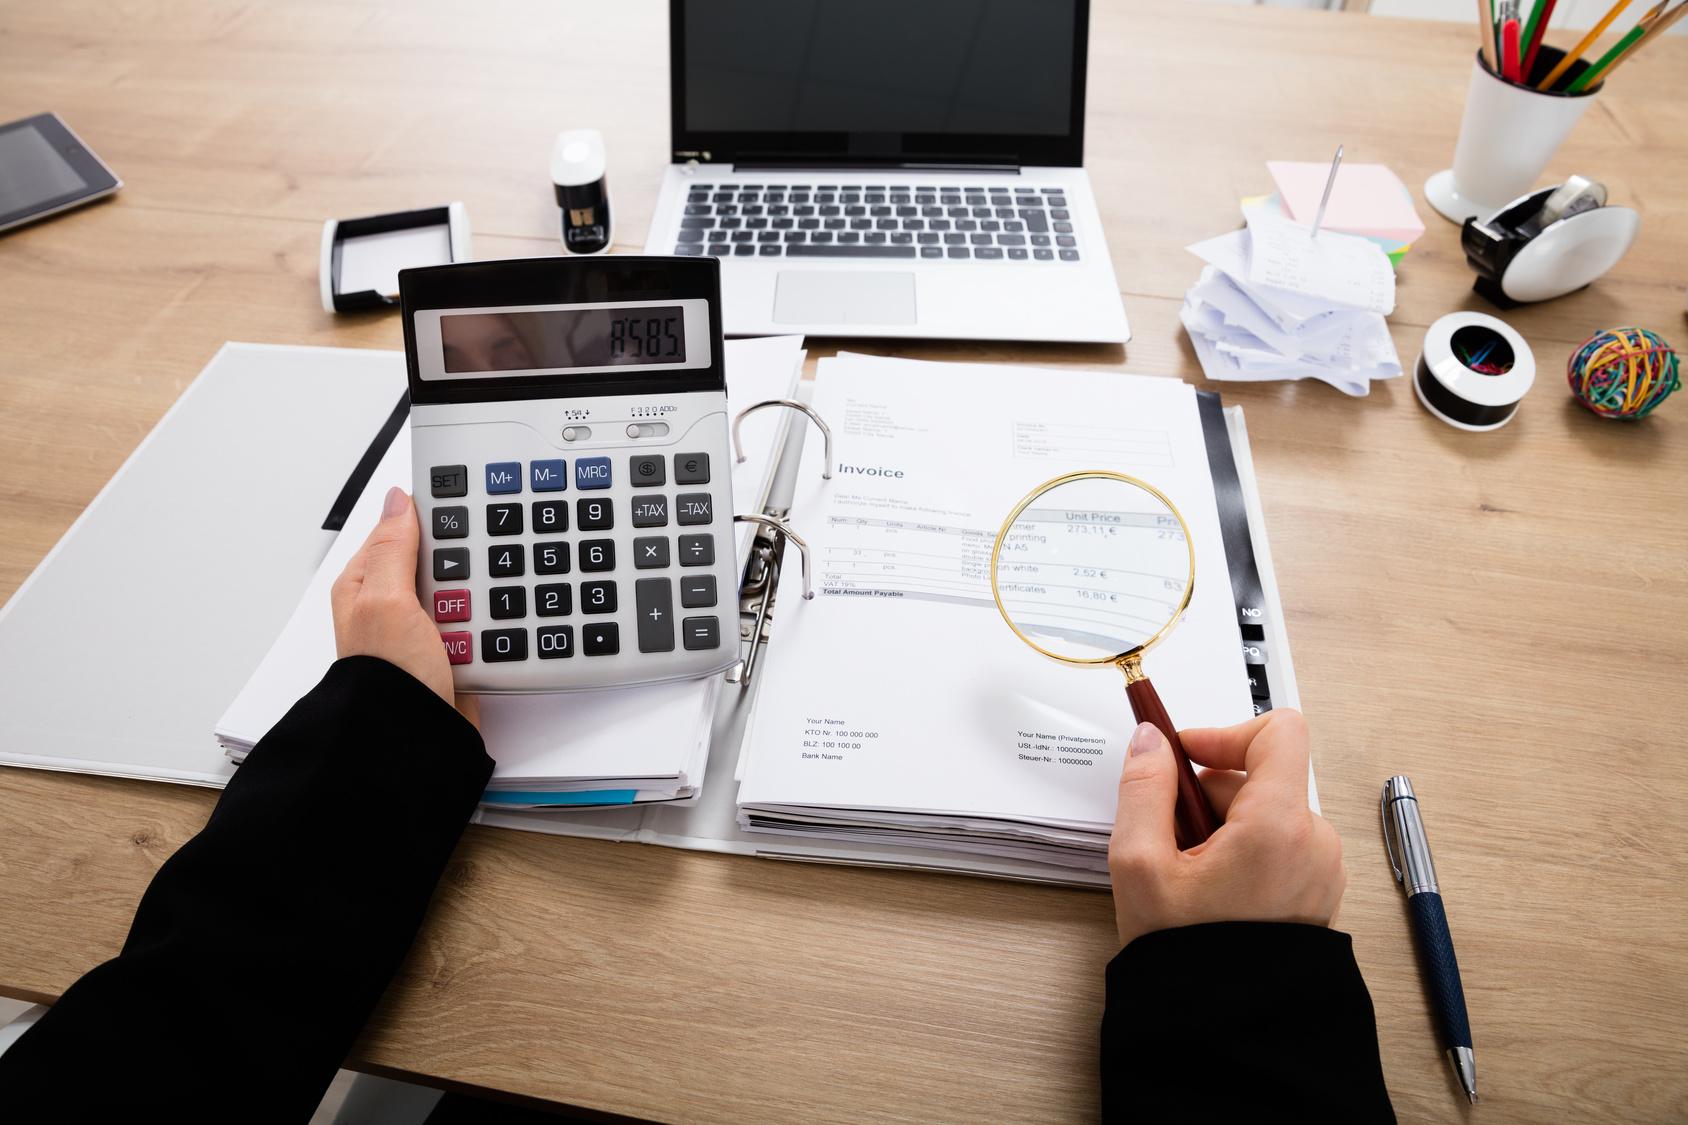 Höhere Steuervorteile in der Einkommensteuer bei außergewöhnlichen Belastungen